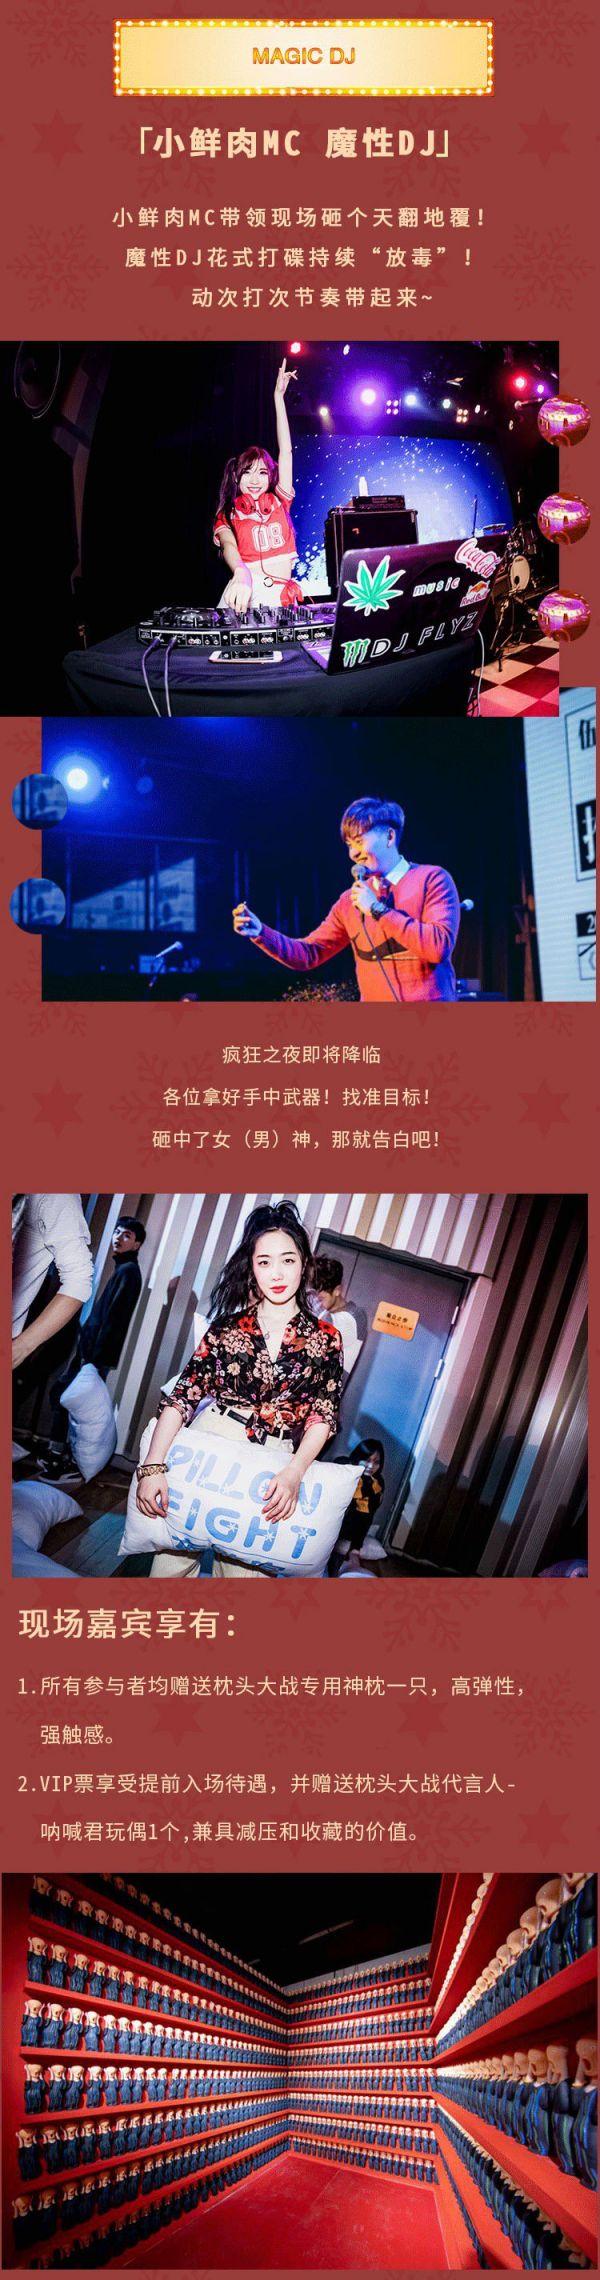 2020重庆跨年倒计时活动超级枕头大战(时间、地点、门票)